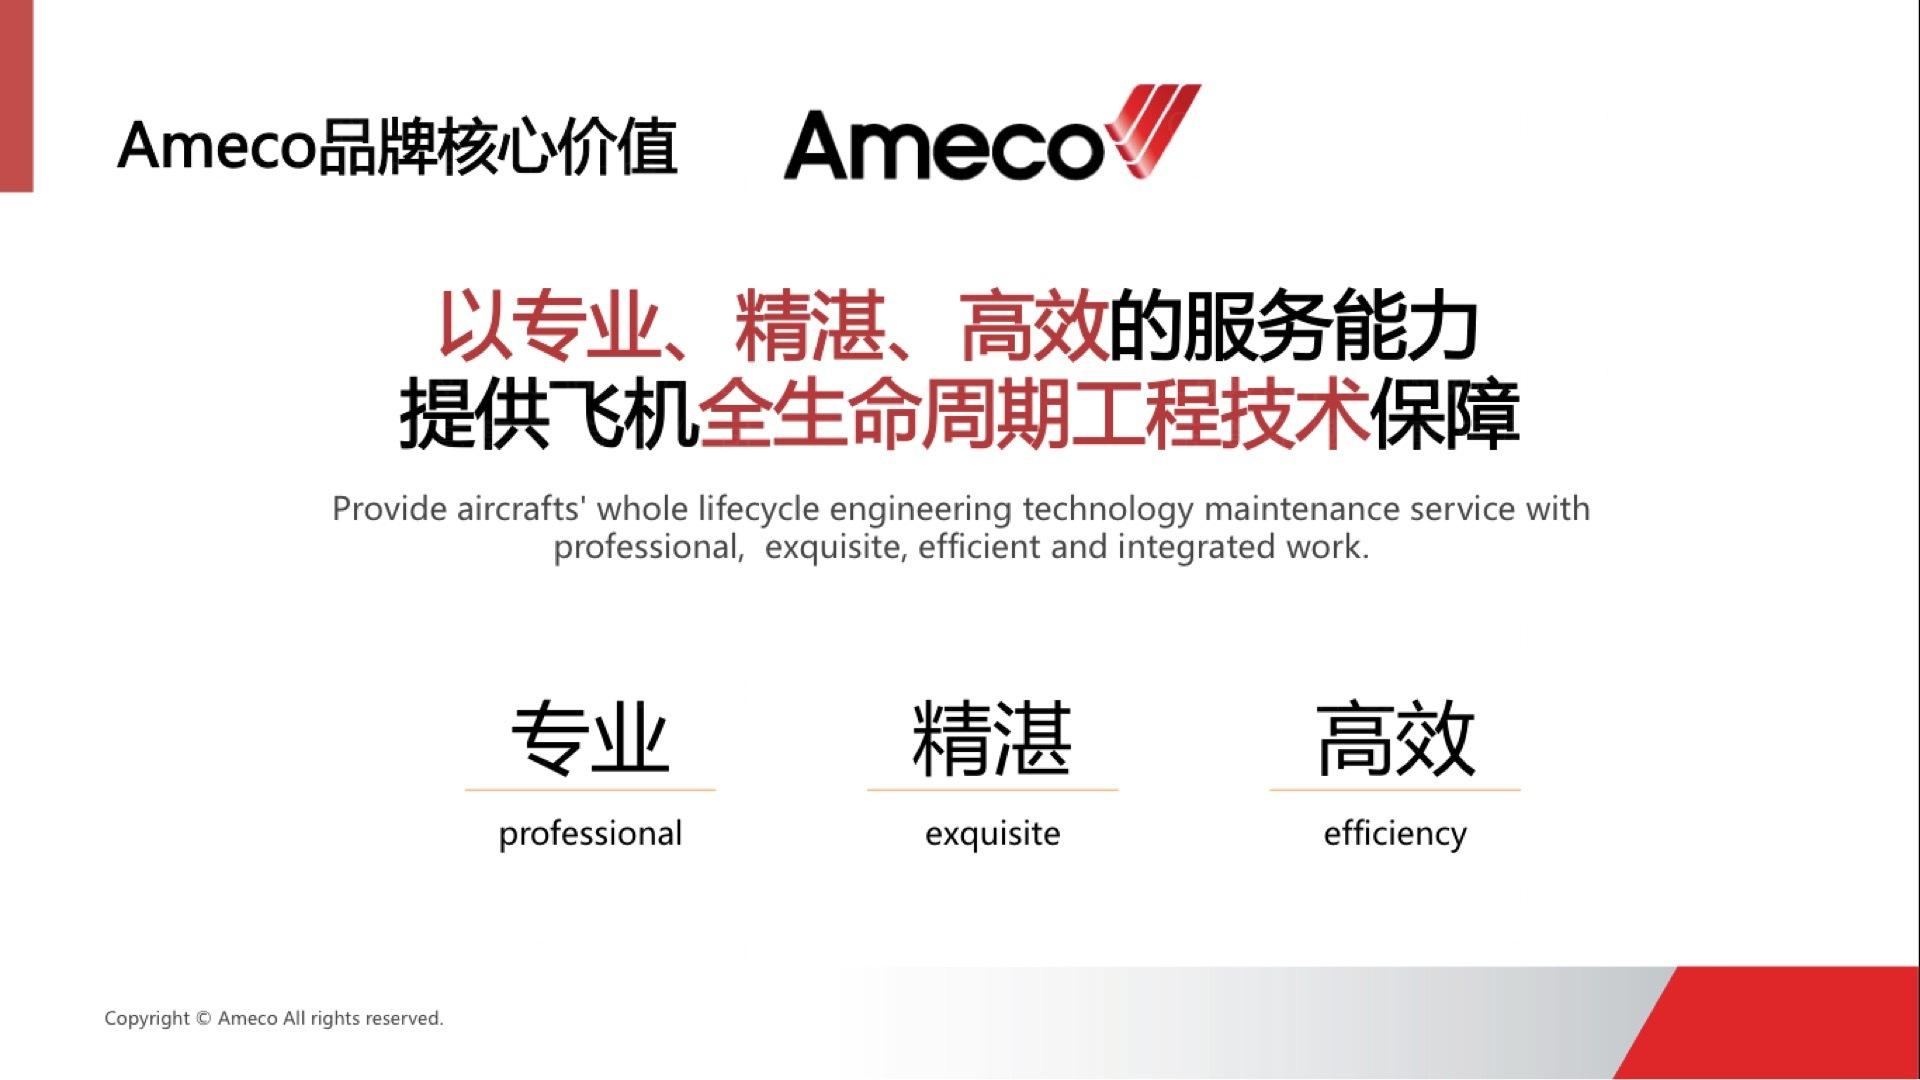 航空公司品牌戰略規劃設計應用場景